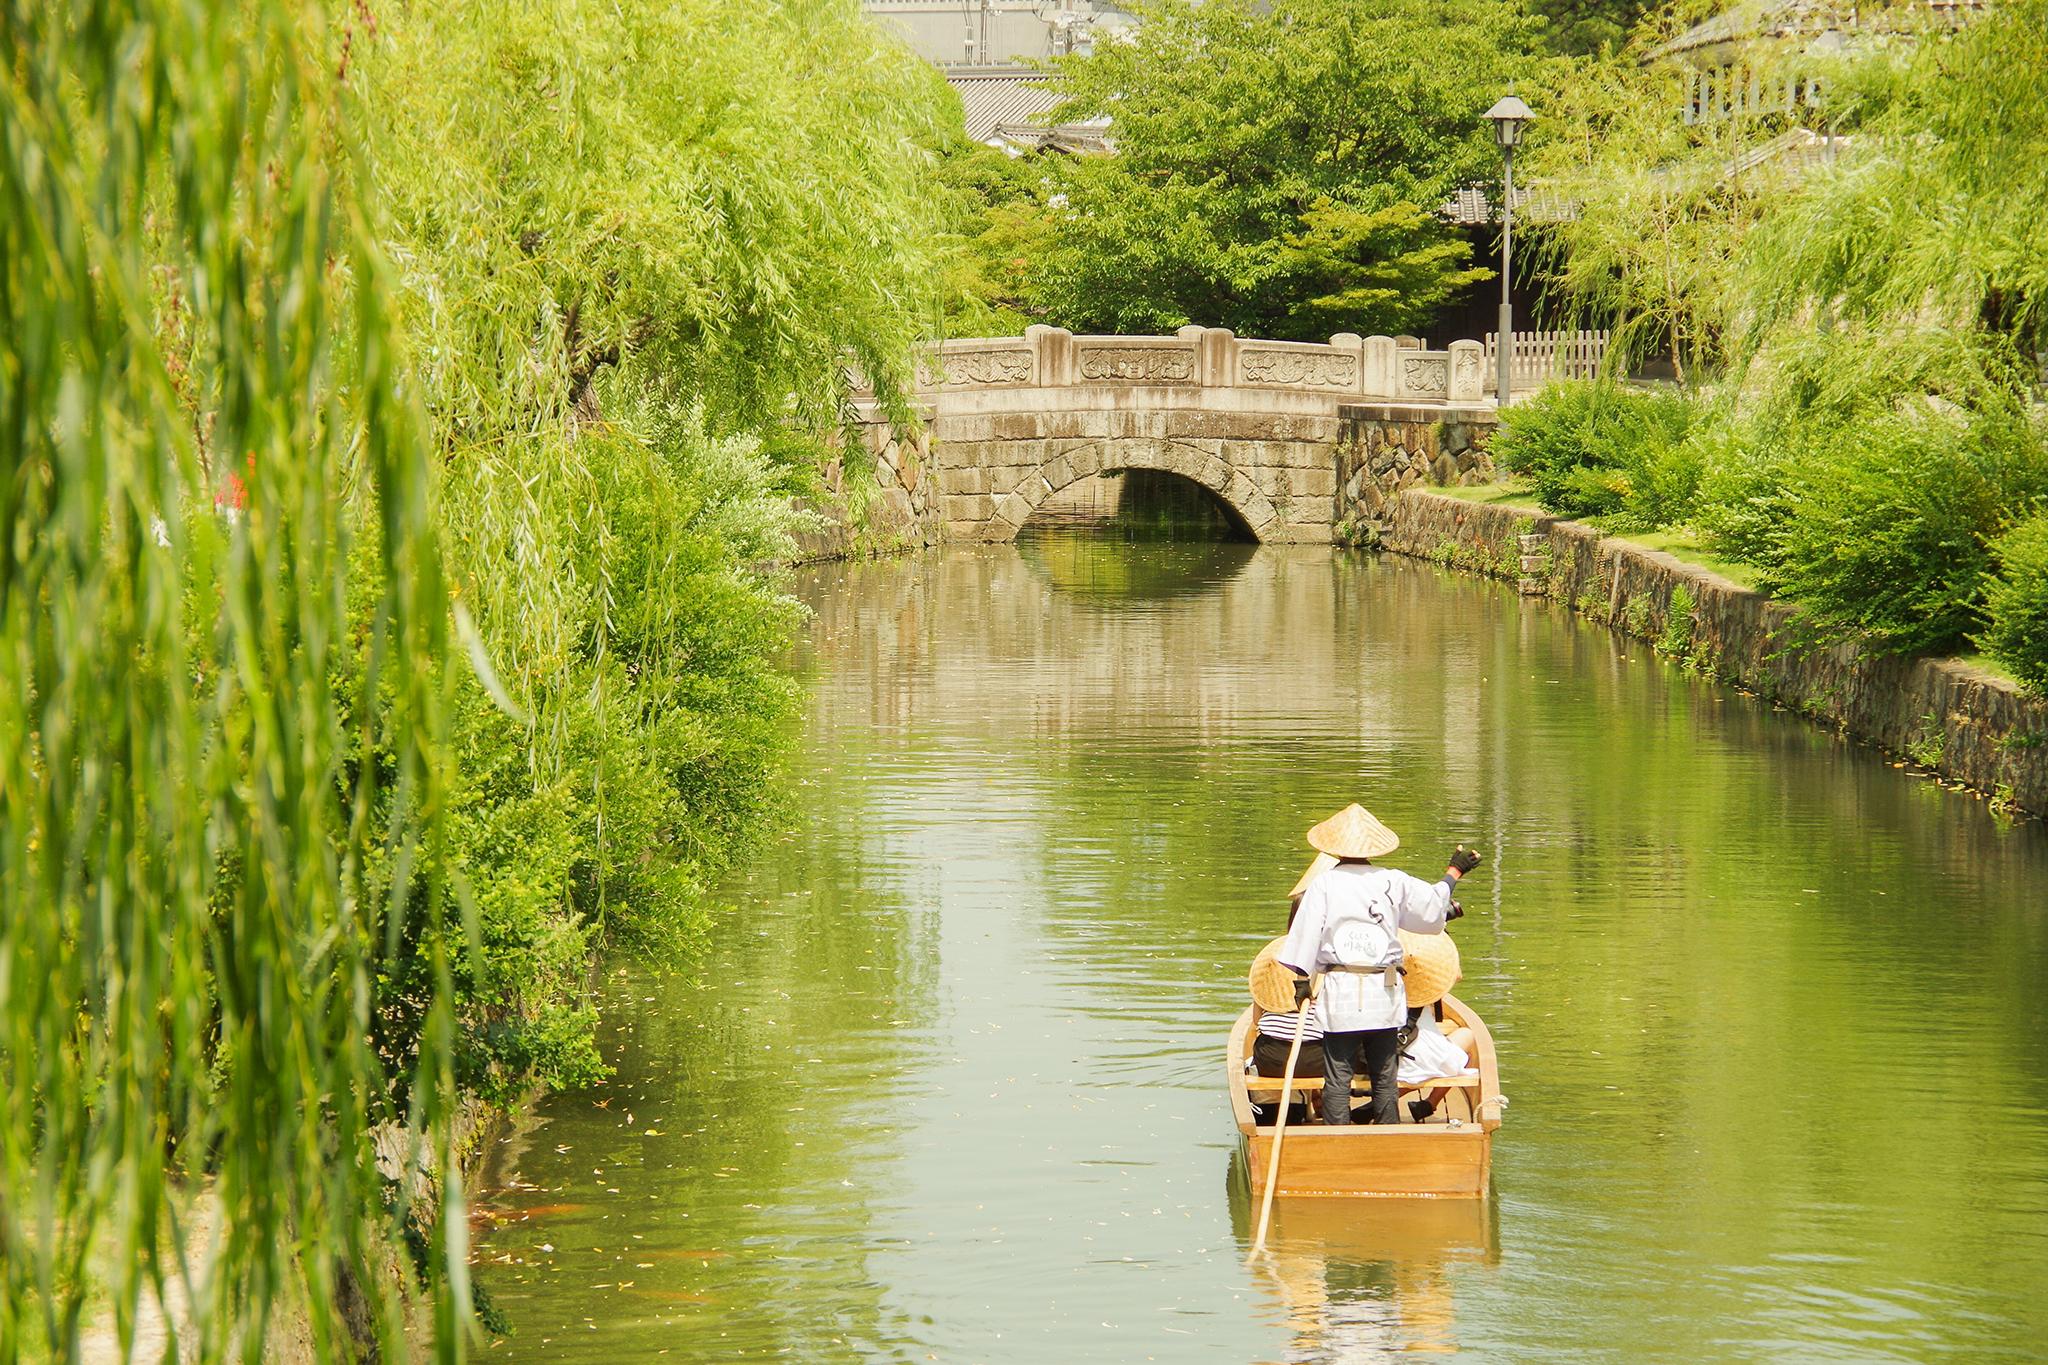 倉敷美観地区、倉敷川の川舟流し